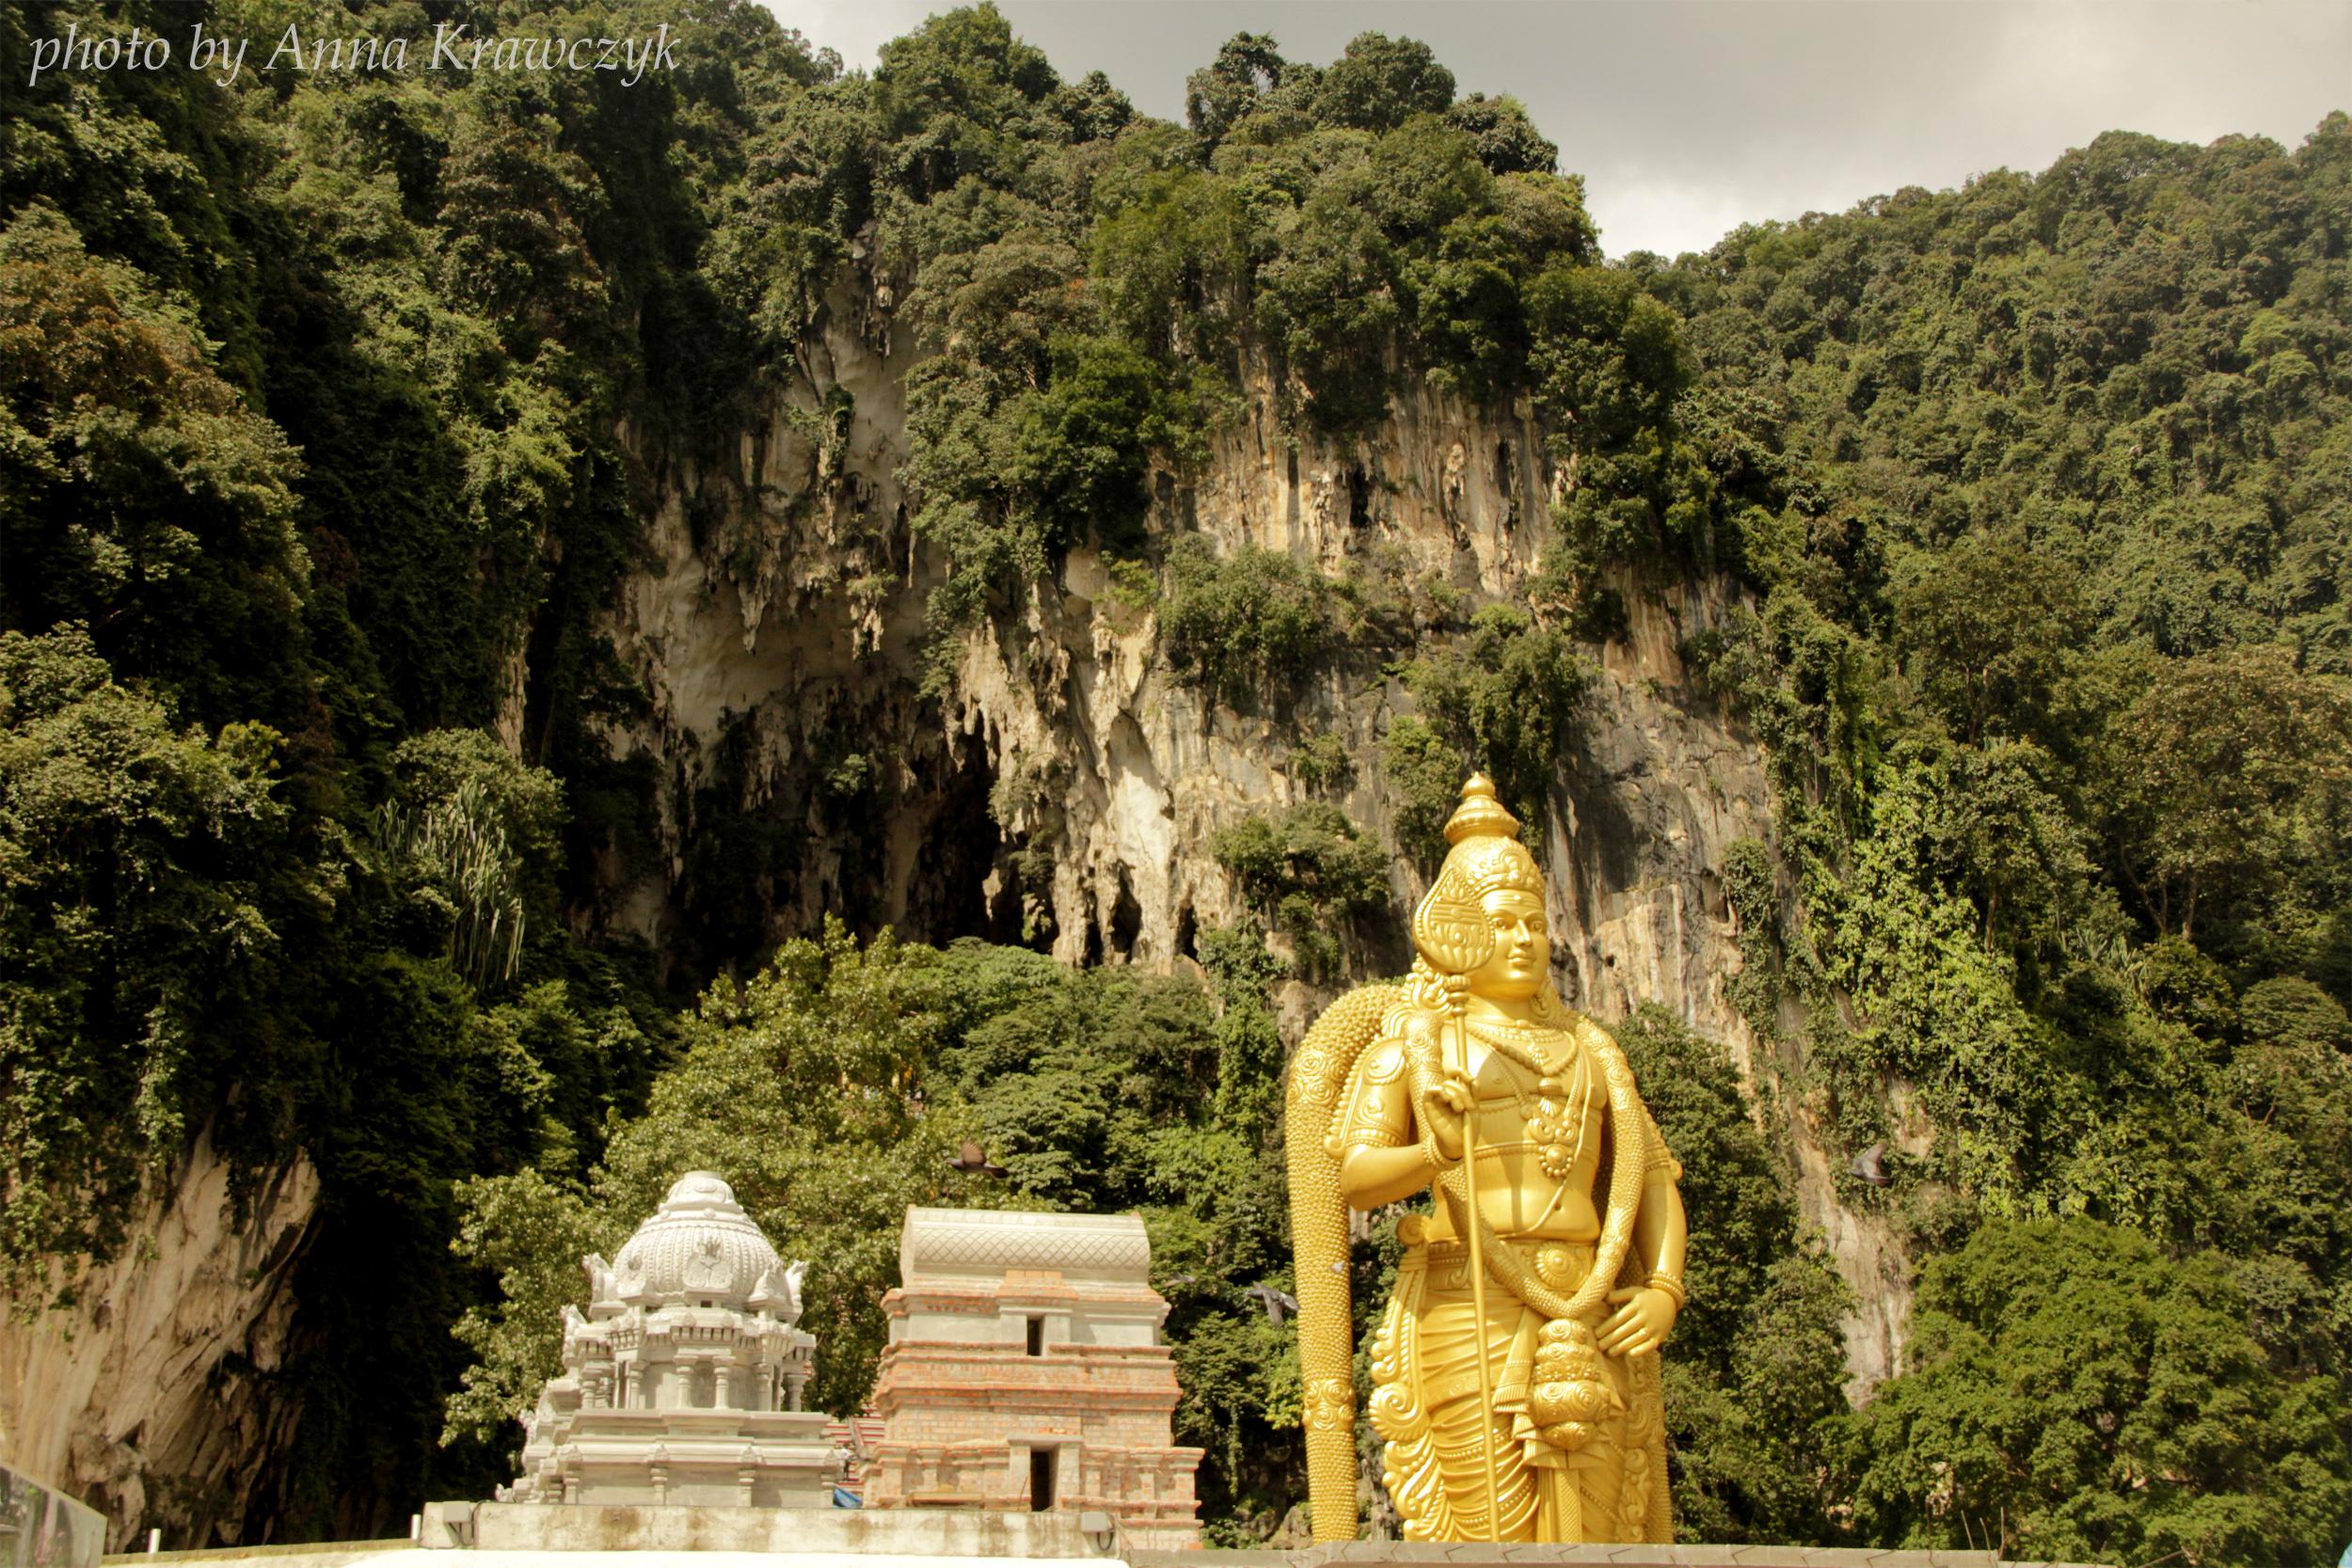 Statue of Lord Murugan - Batu Cave